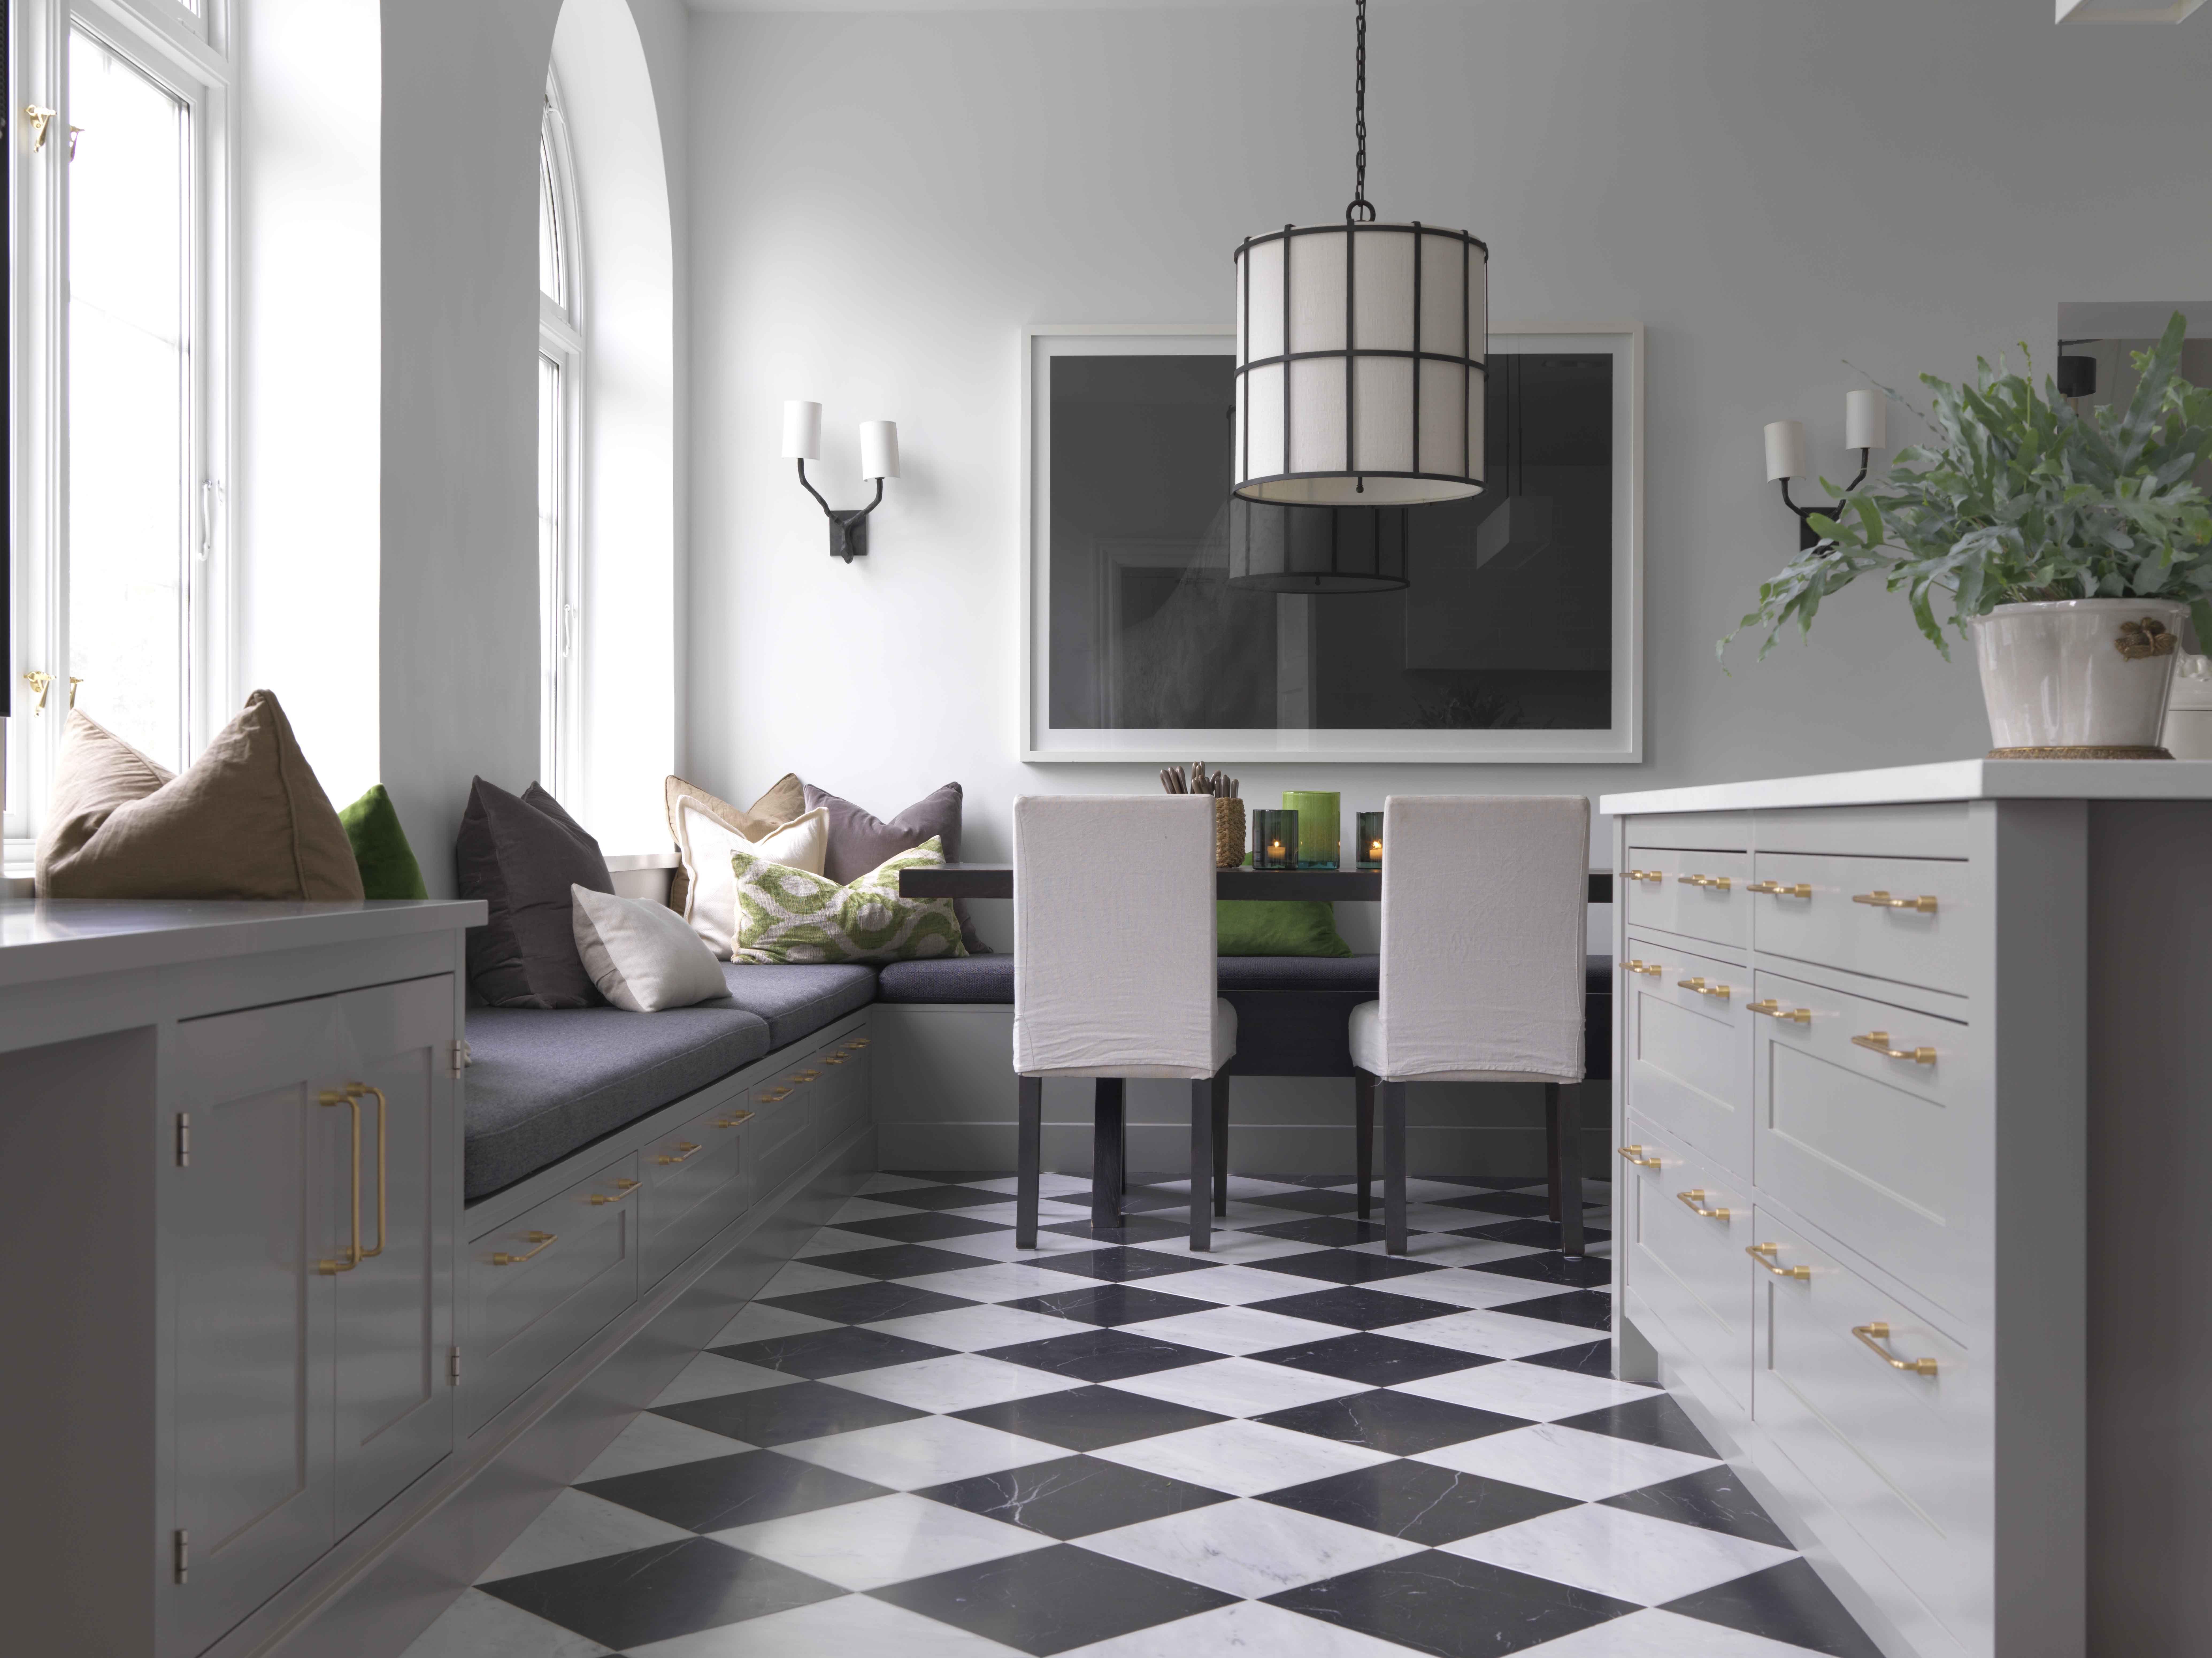 Dansk Design Kjkken. Fabulous Designe Kjokken With Dansk Design Kjkken. Affordable Svart Kjkken ...